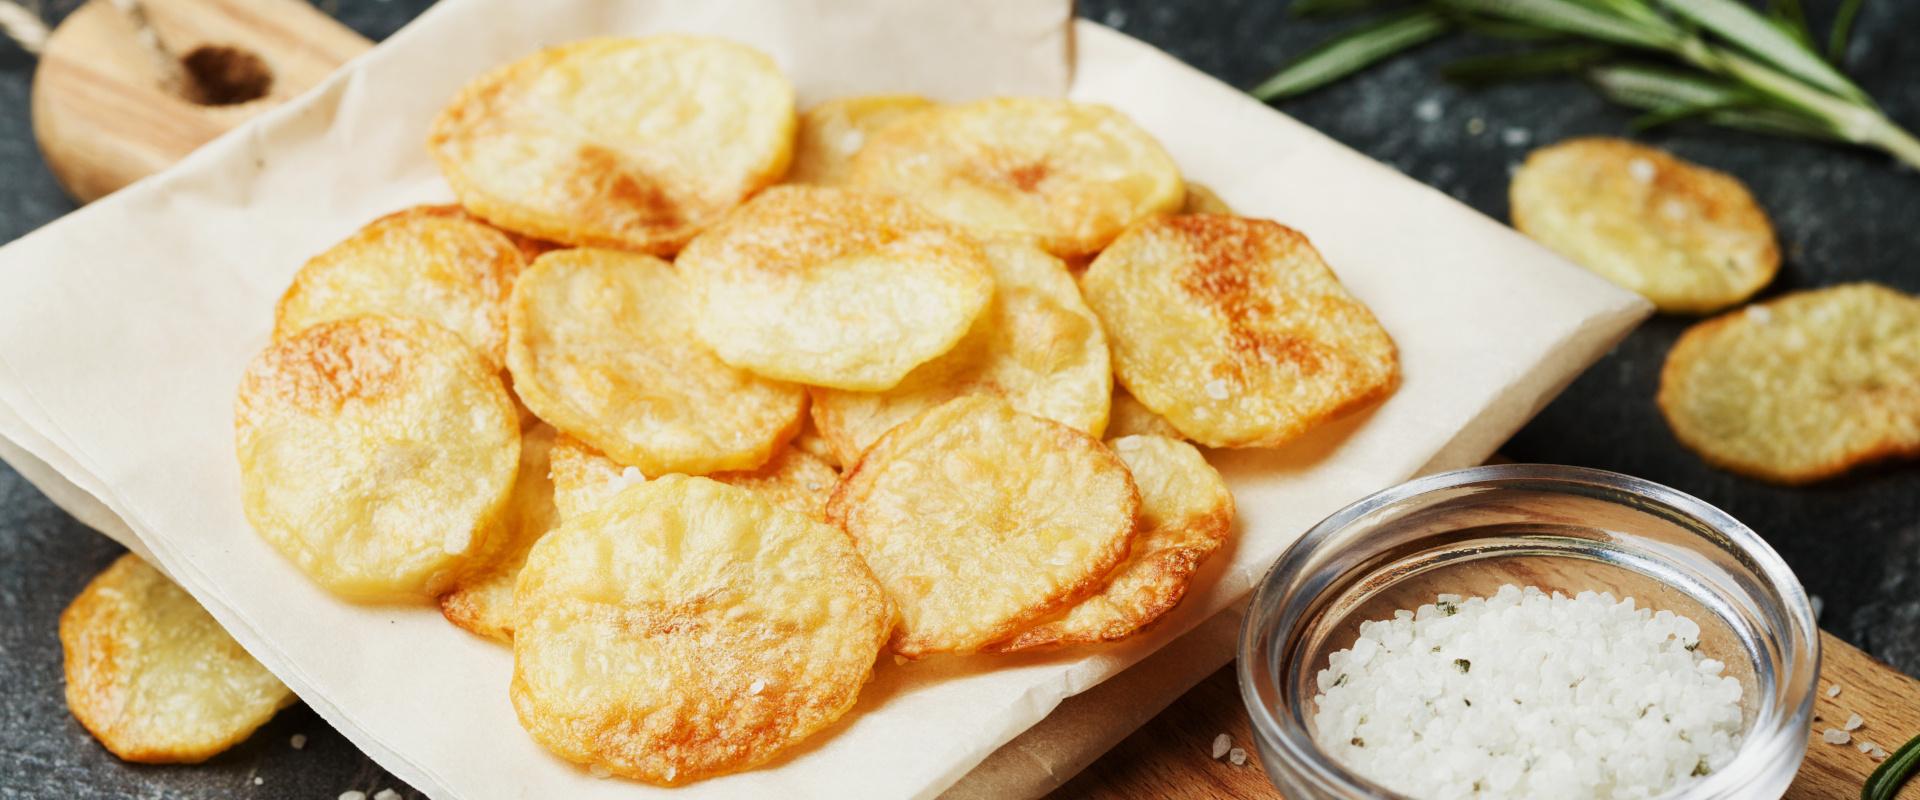 sült krumpli cover